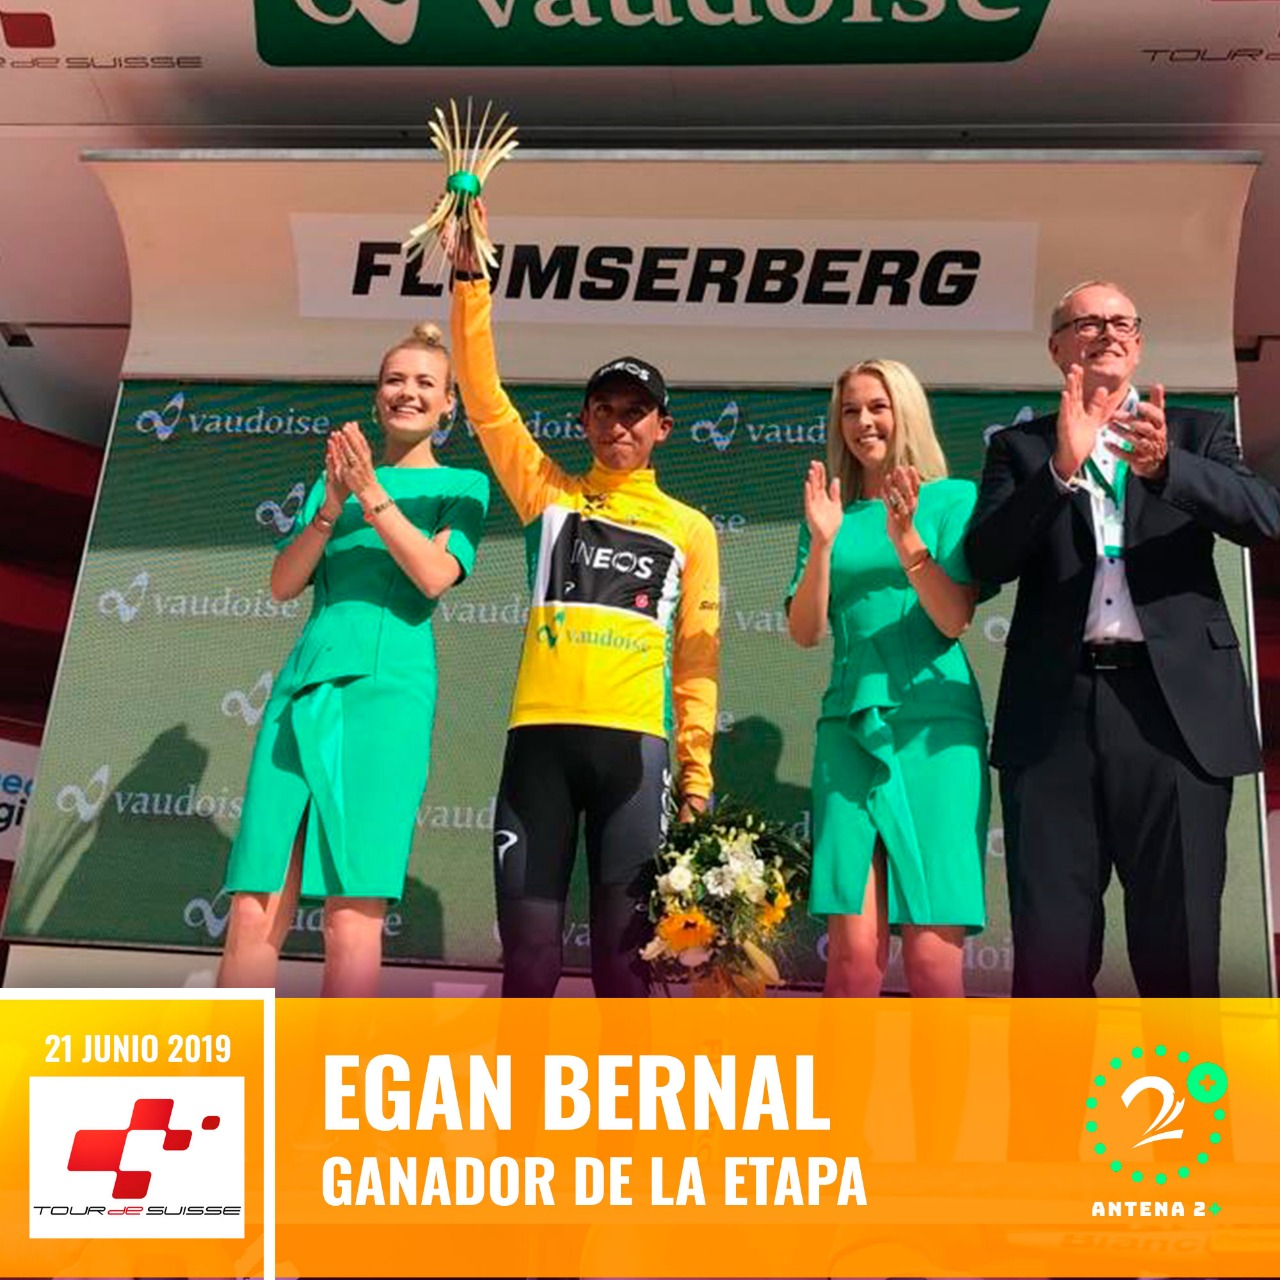 Vuelta a Suiza, Egan Bernal, 2019